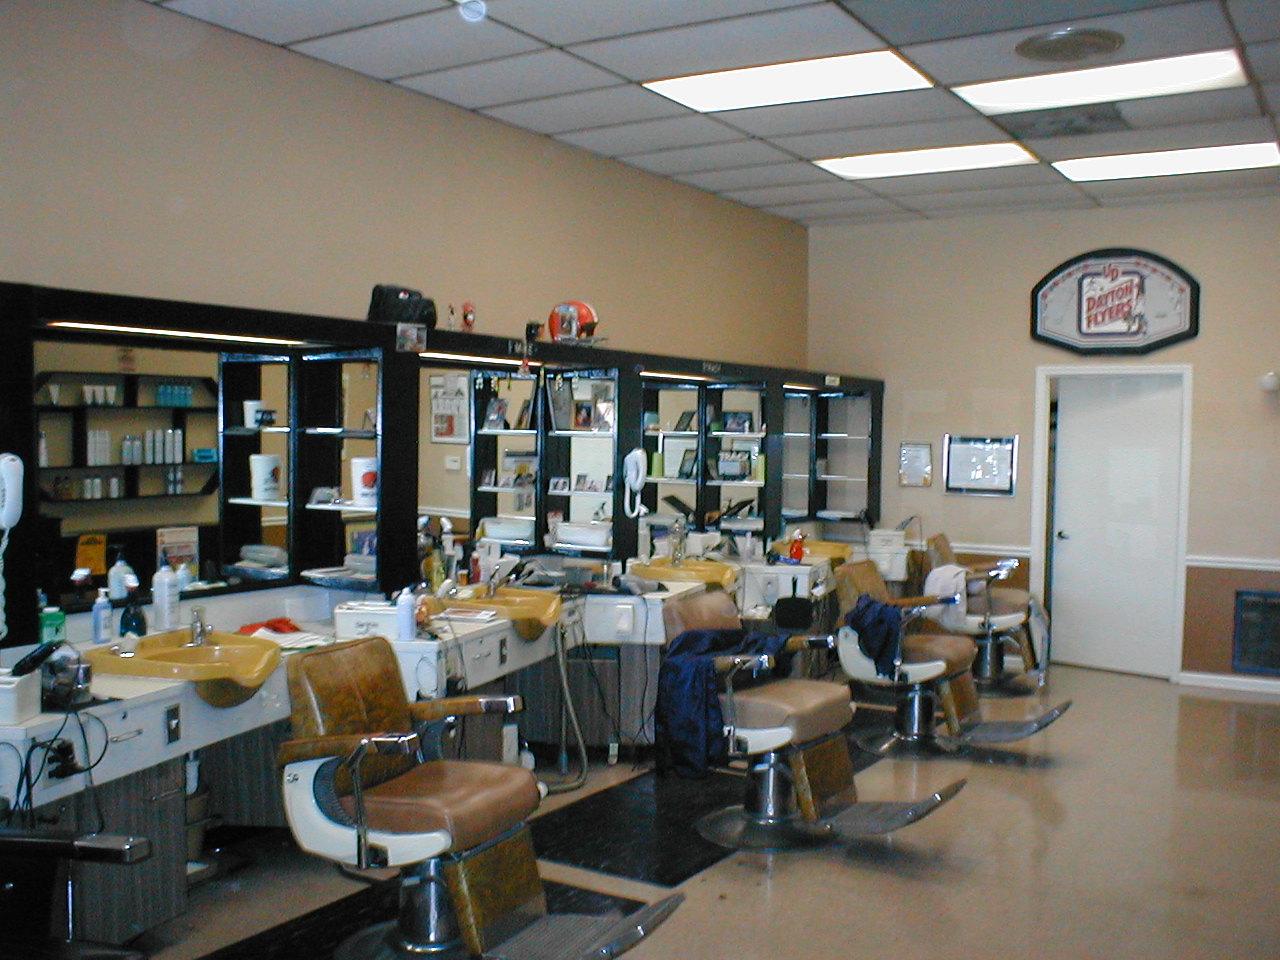 how to design a nice barber shop joy studio design gallery best design. Black Bedroom Furniture Sets. Home Design Ideas